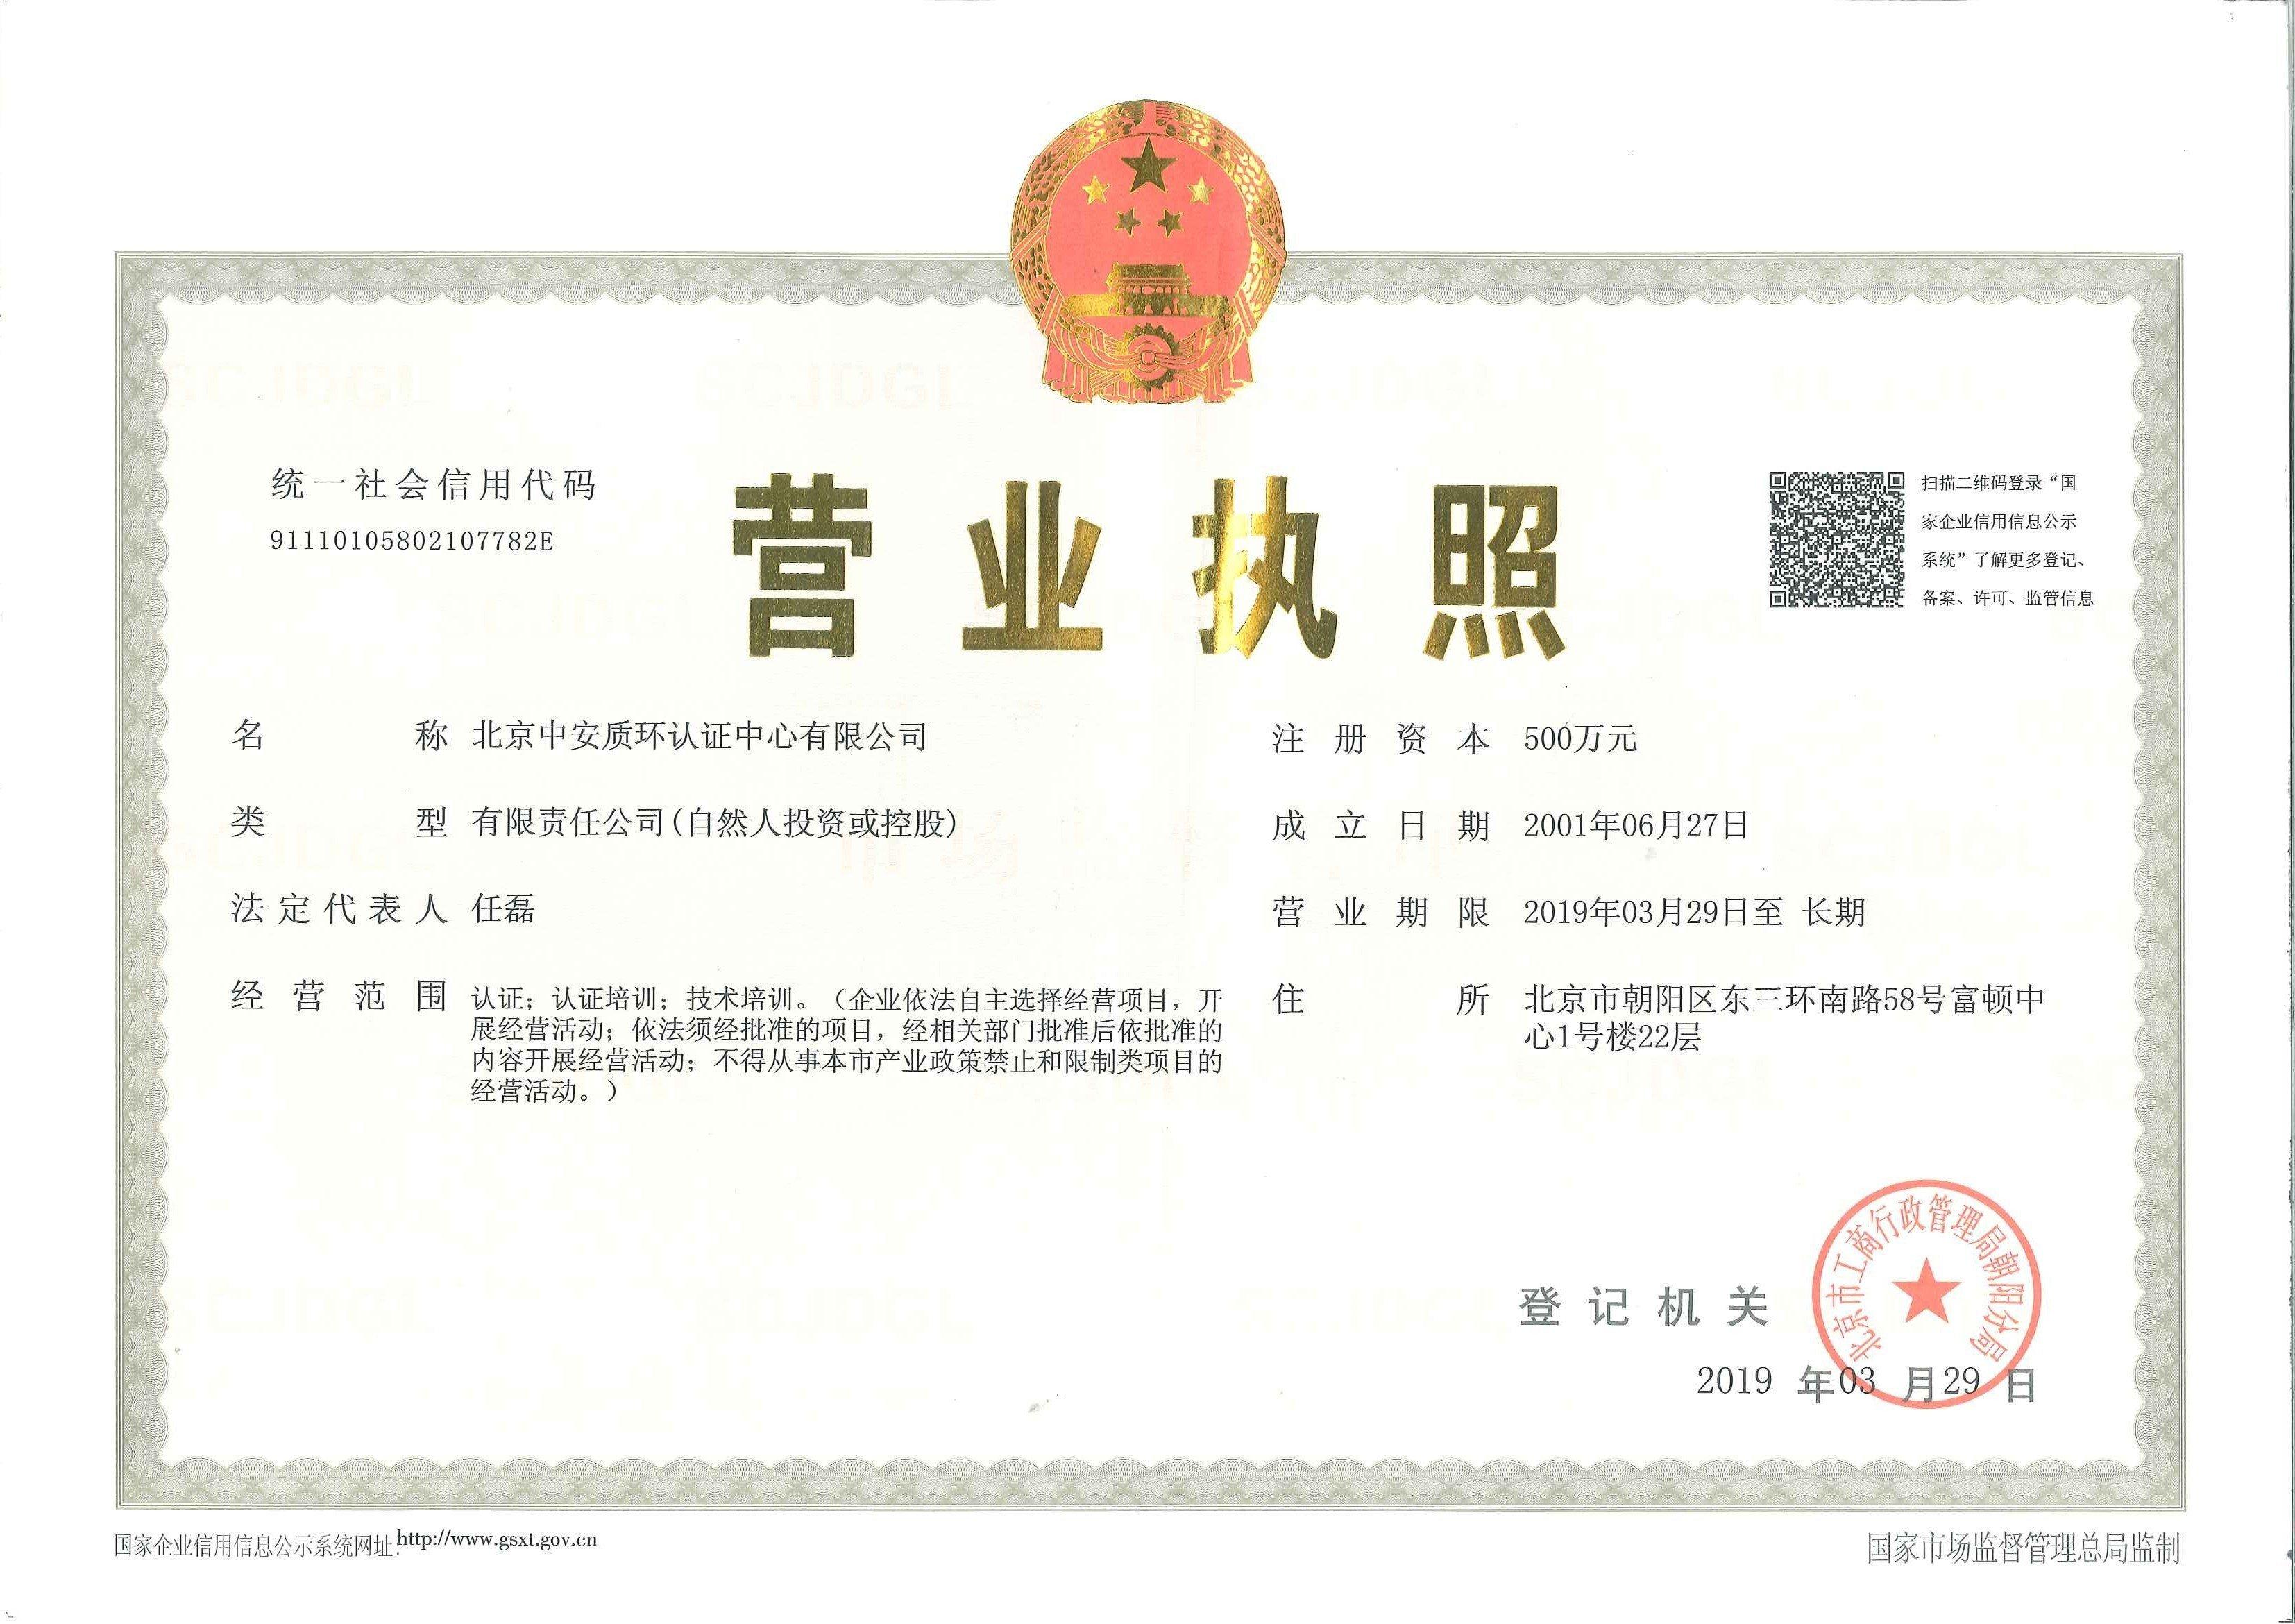 认证营业执照正本